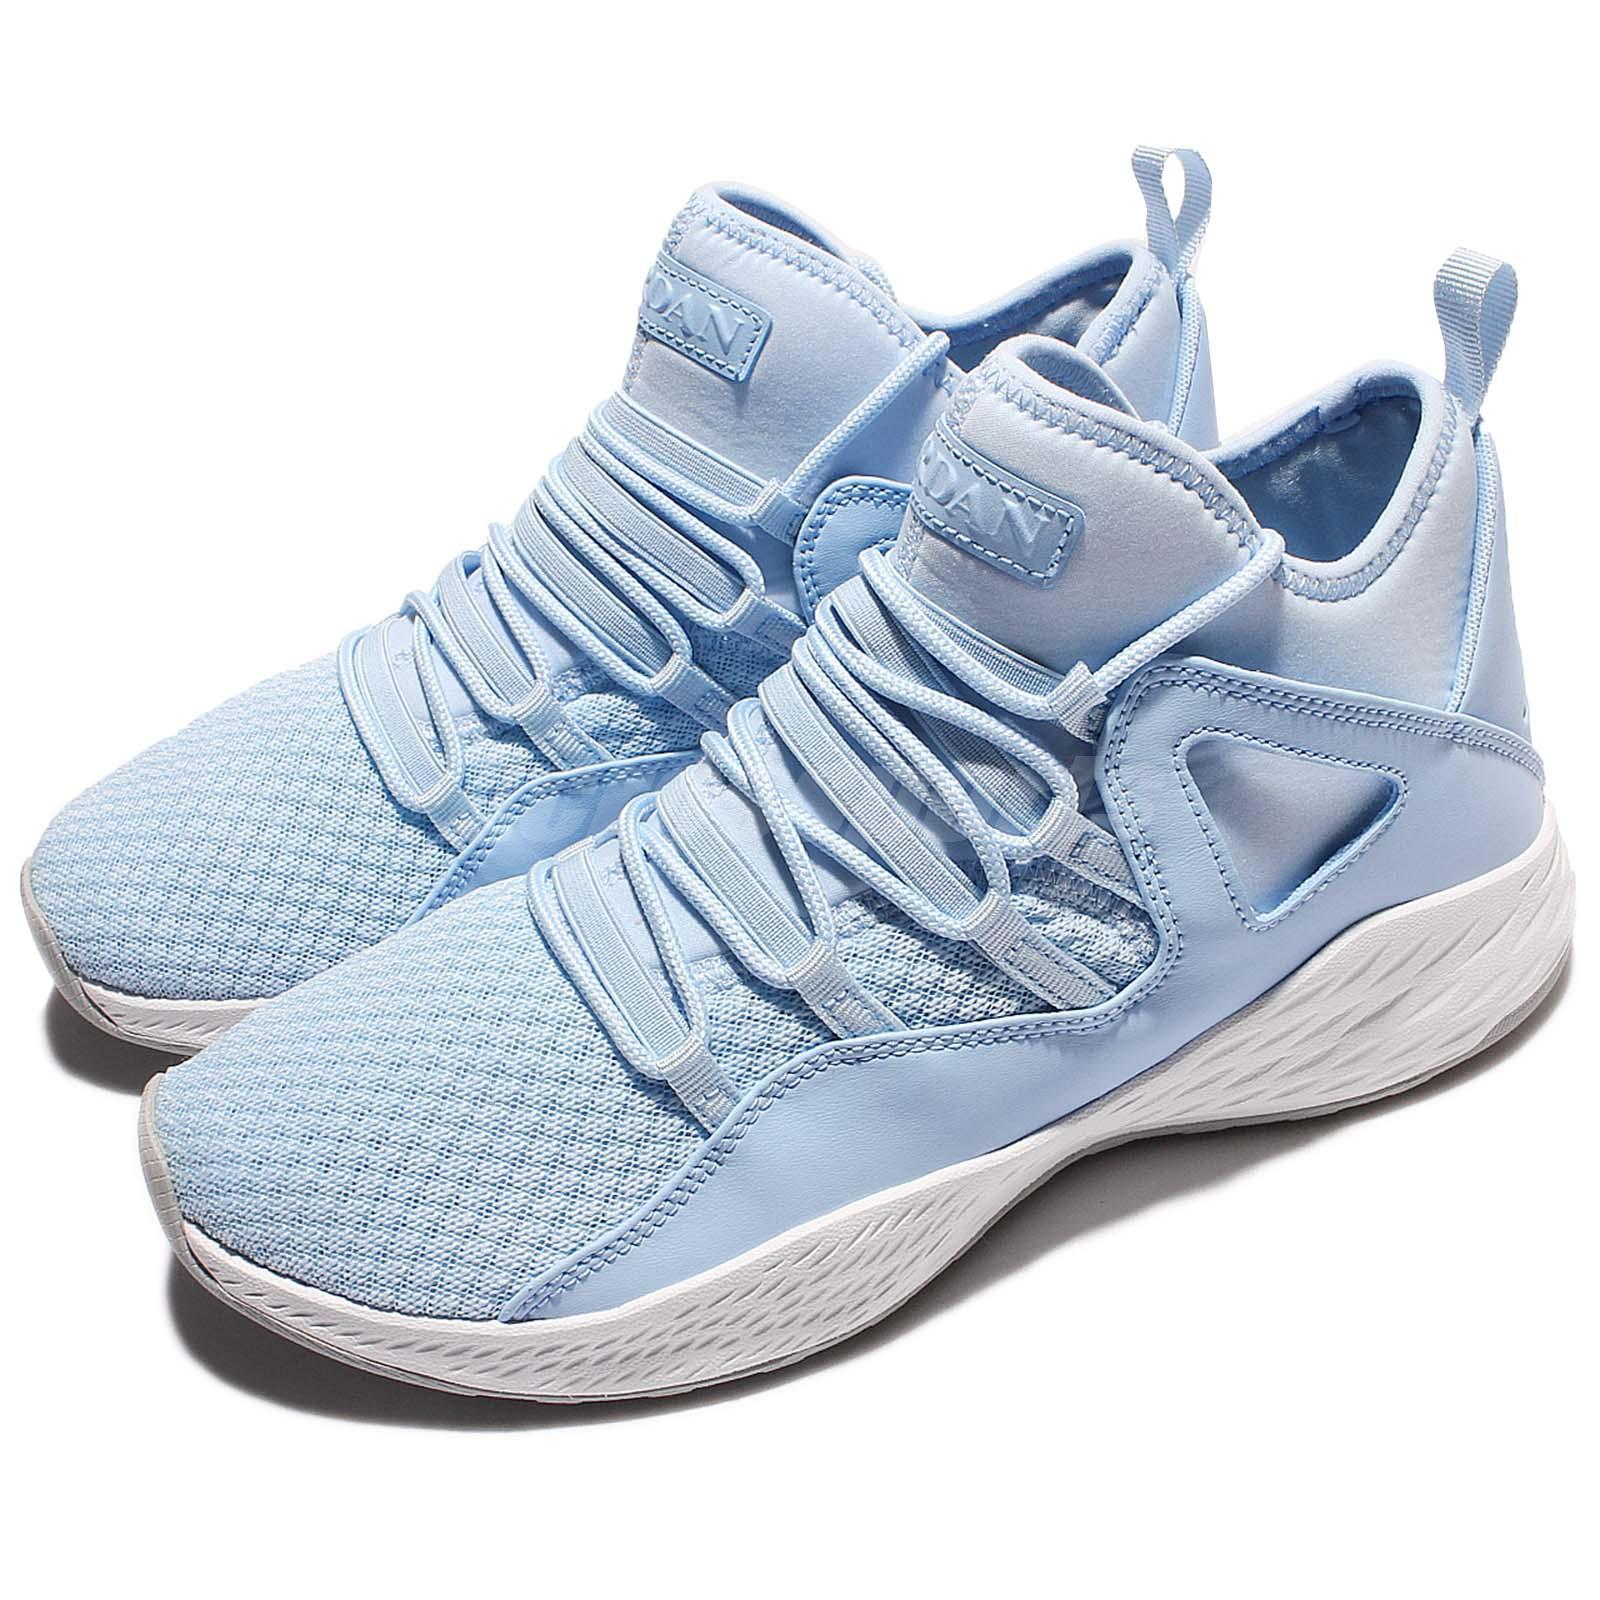 bee1de2649c Details about Nike Air Jordan Formula 23 Blue White Men Lifestyle Shoes  Sneakers 881465-406